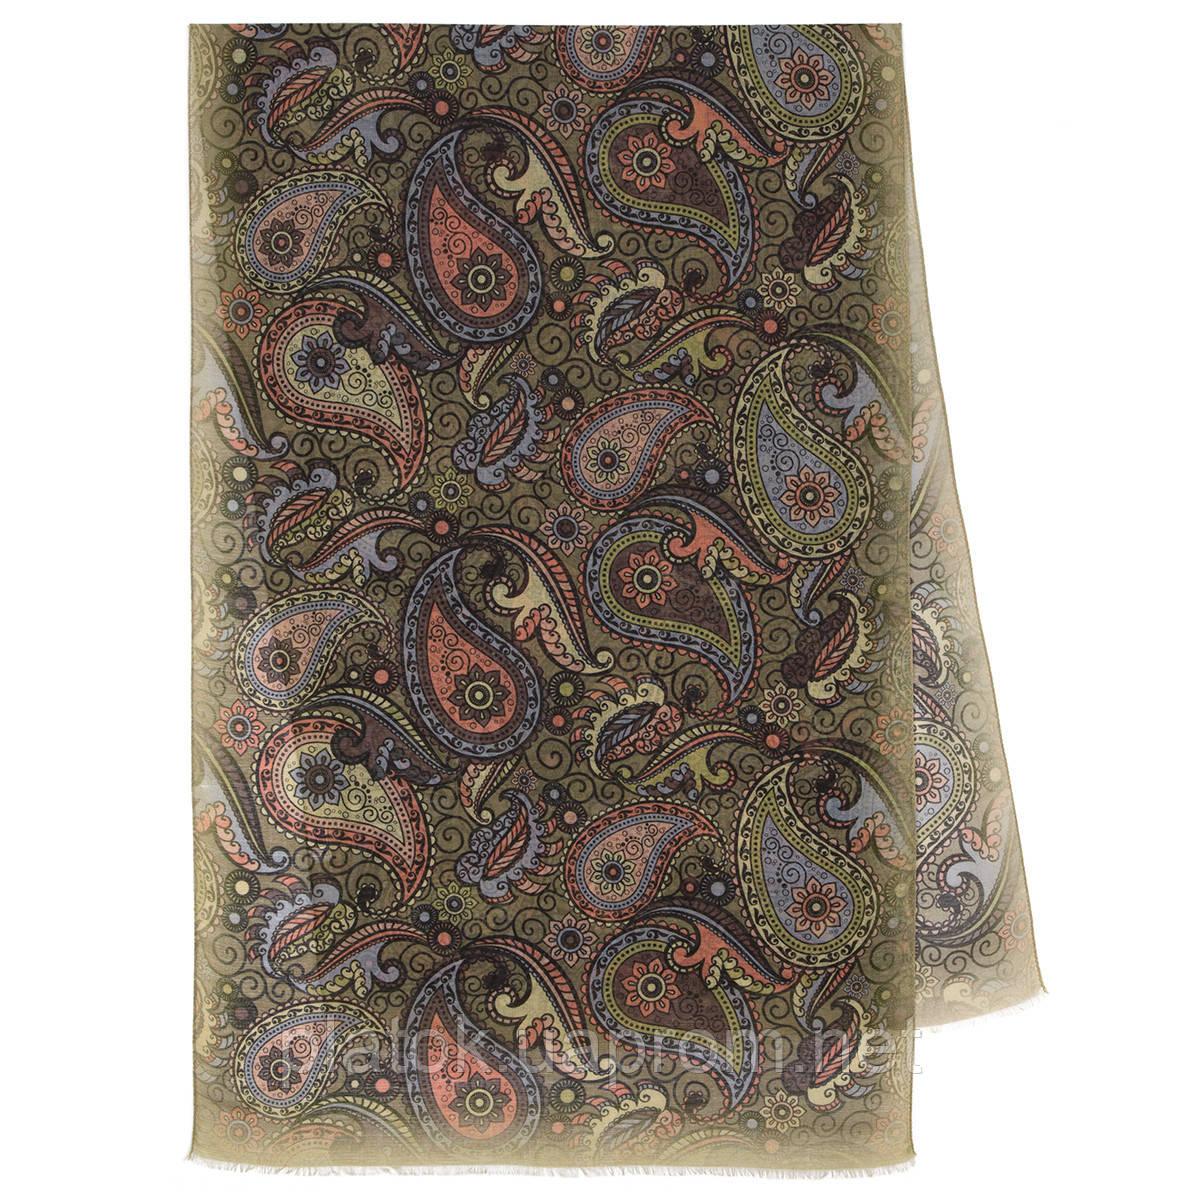 Палантин шерстяной 10794-10, павлопосадский шарф-палантин шерстяной (разреженная шерсть) с осыпкой